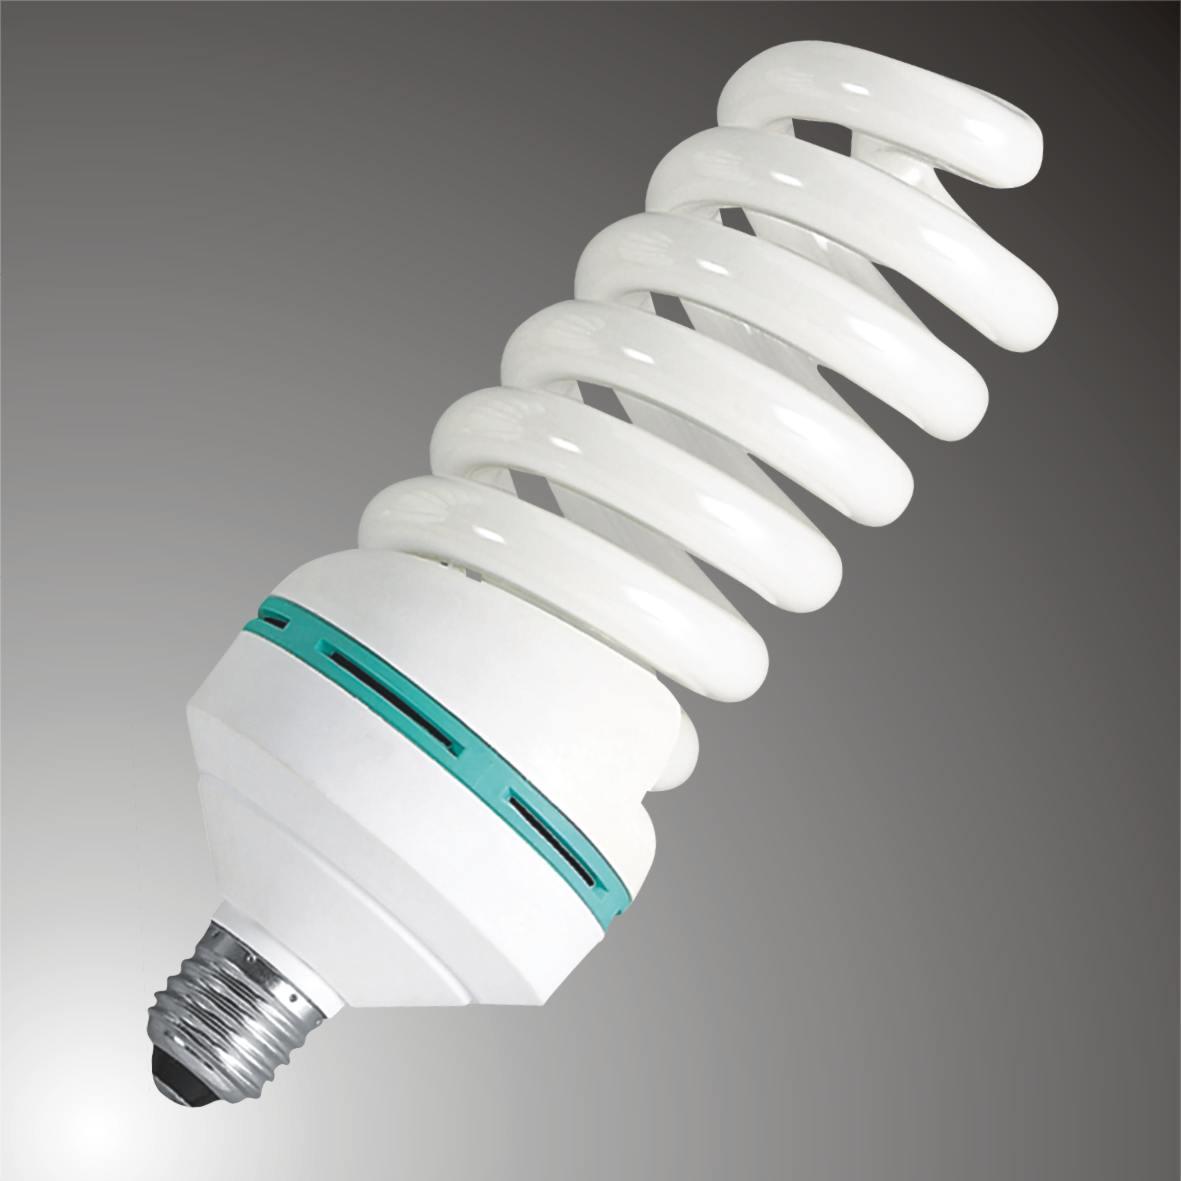 Описание и устройство энергосберегающих ламп